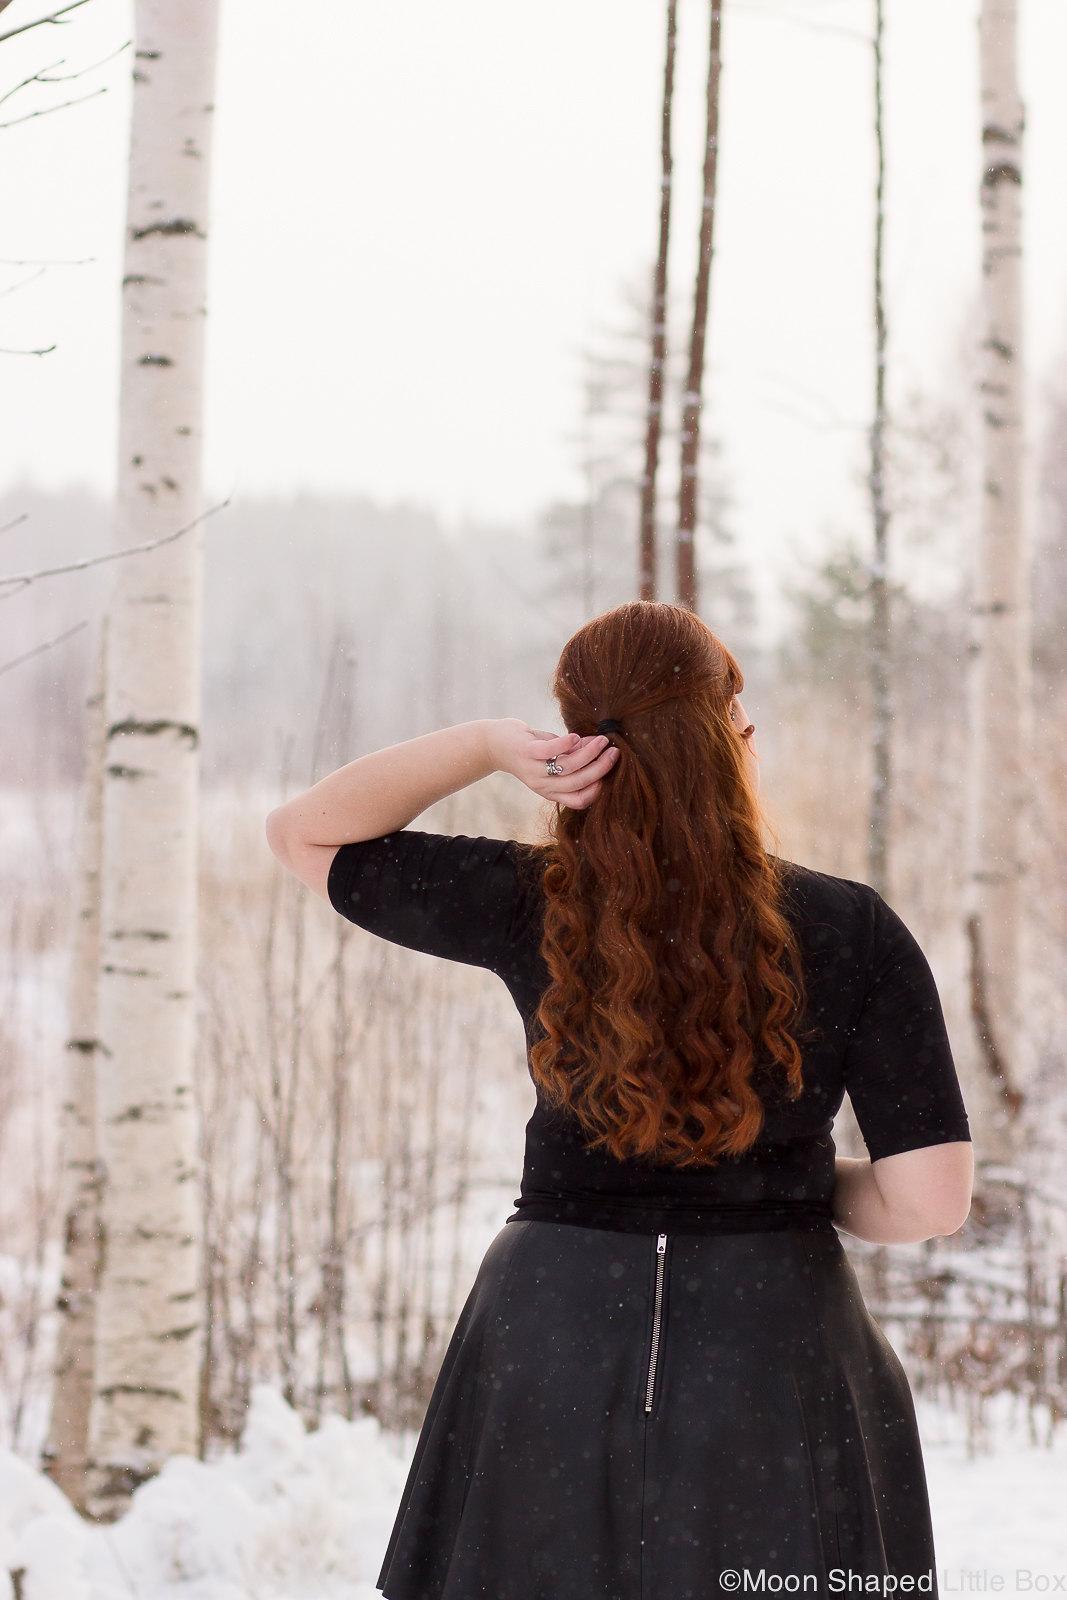 Kasvivärjätyt hiukset, kasvivärjäys kokemuksia, kasvivärjäys, Joensuu, Eco Beauty, Eco Beauty Hair, Eco Beauty Milla, tyyliblogi, bloggaaja